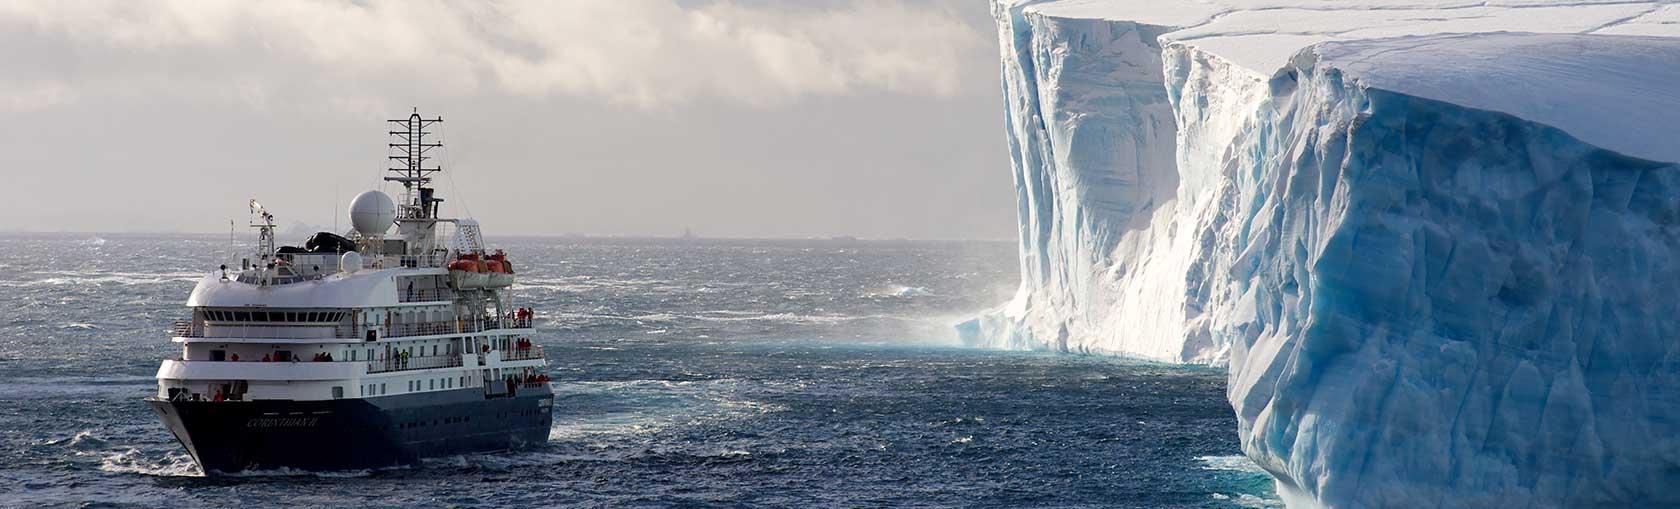 experience polar